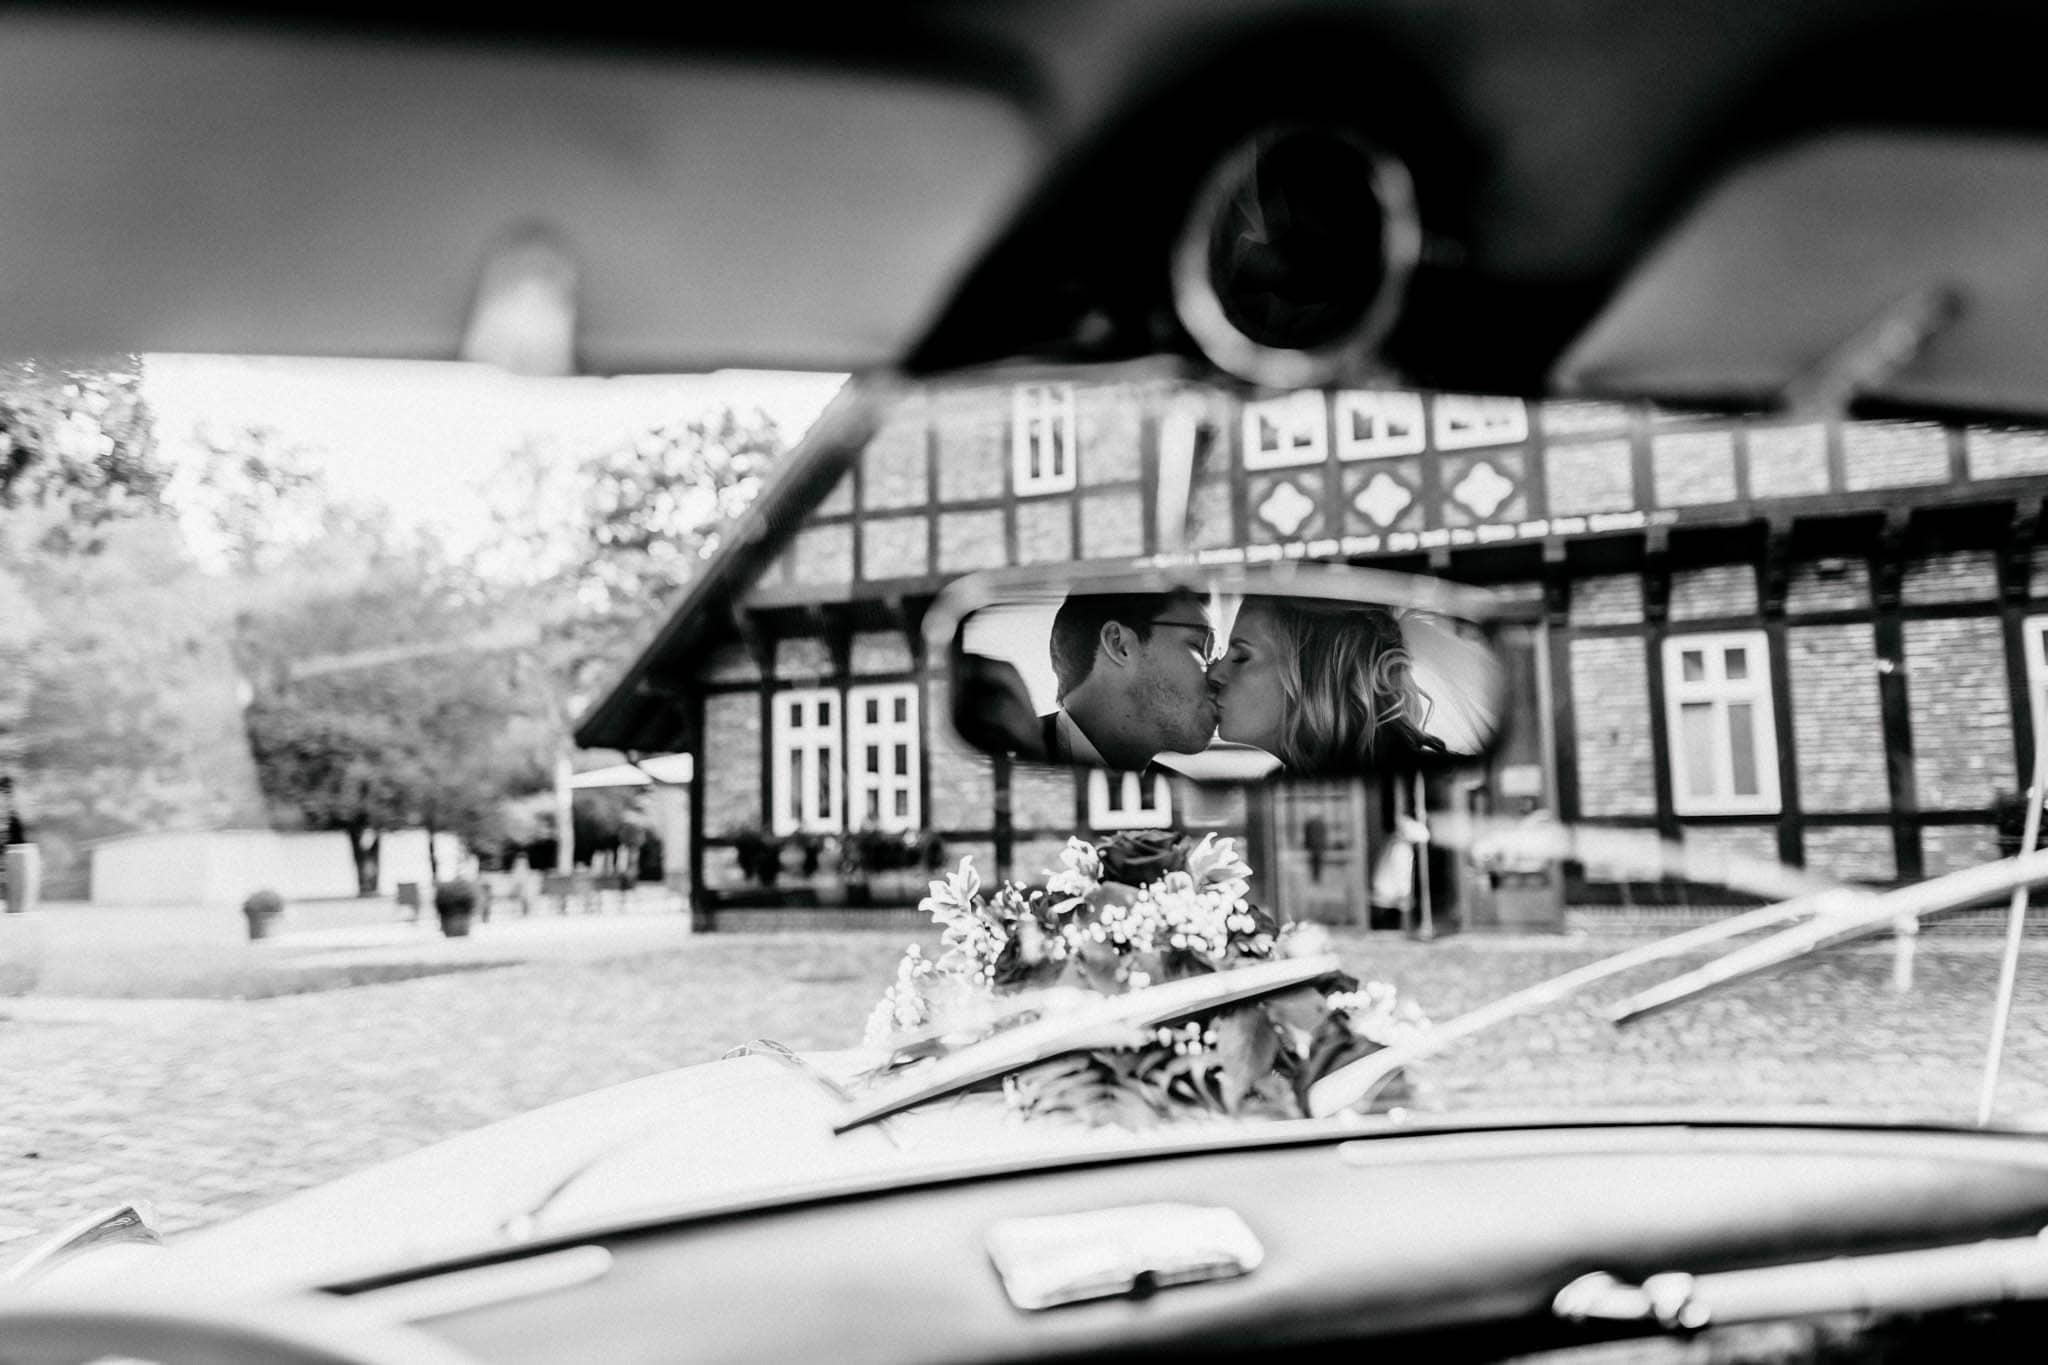 Hochzeitsfieber by Photo-Schomburg, Hochzeitsfotograf, Hamburg, Bremen, Hochzeitstag, Hochzeitspaar, Braut, Bräutigam, Bremen-Kränholm,Knoops Park-134